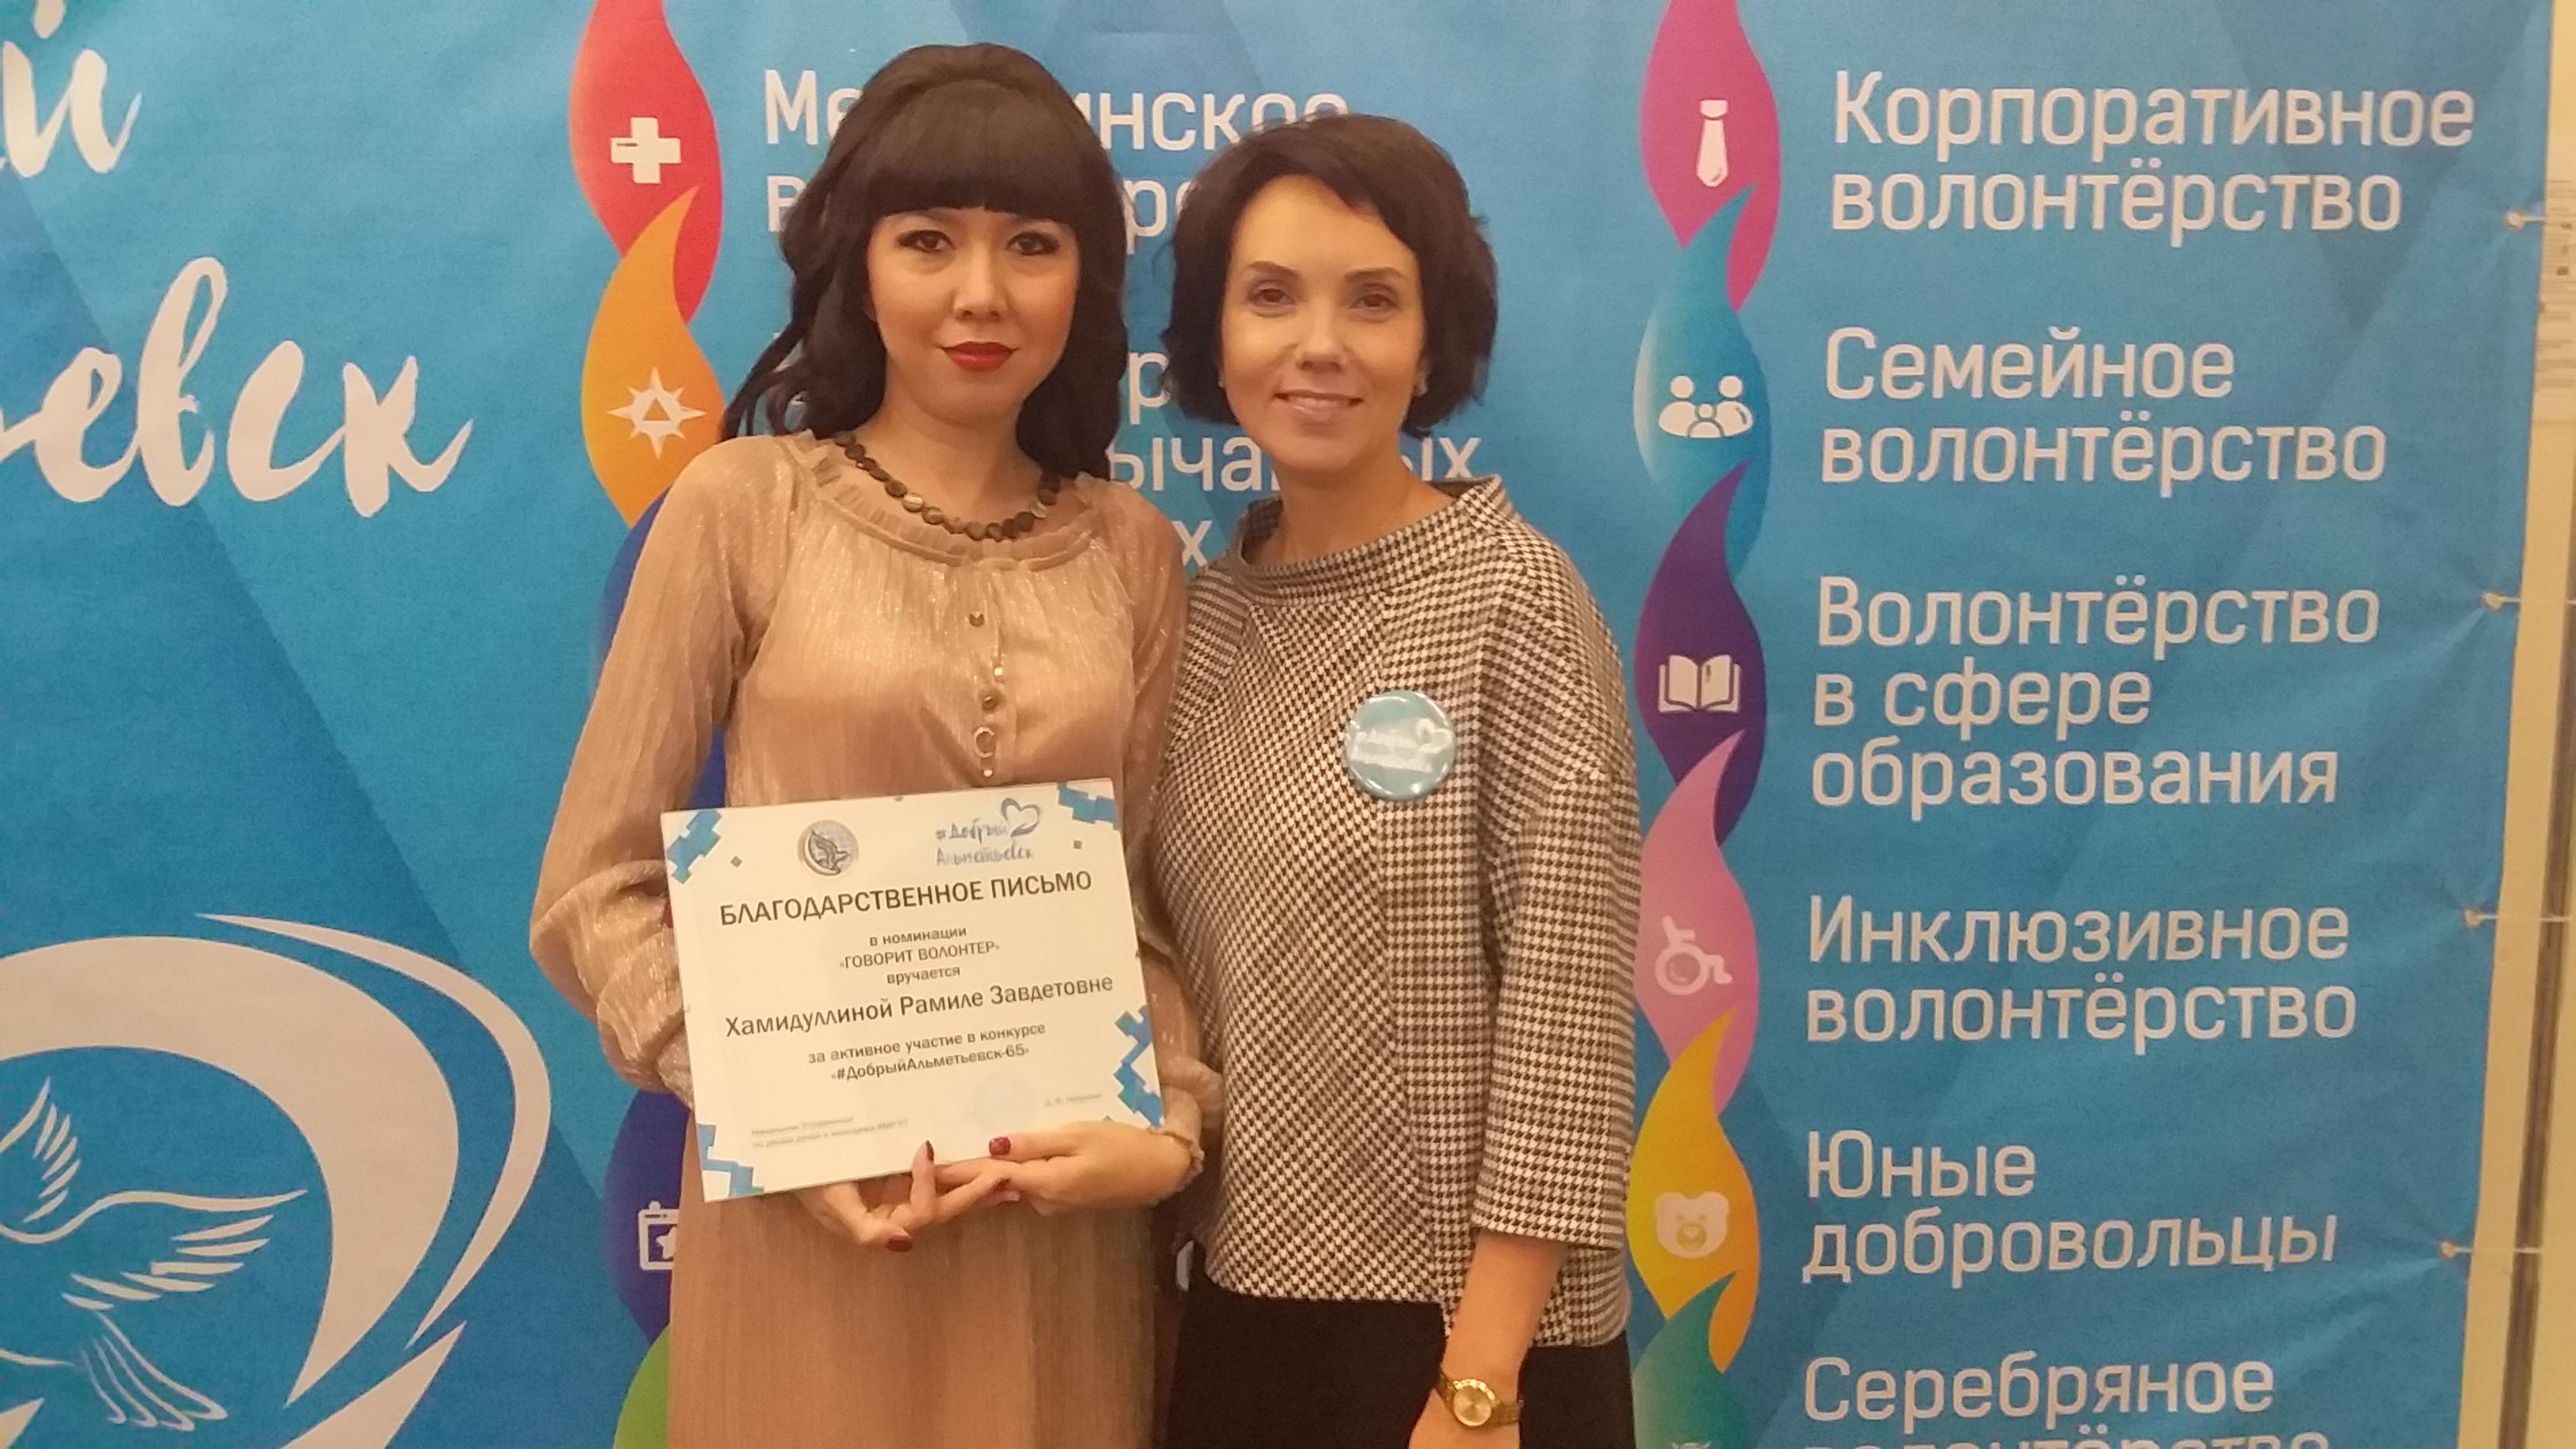 Студентка филологического факультета Рамиля Хамидуллина стала победителем X международного Московского телефестиваля